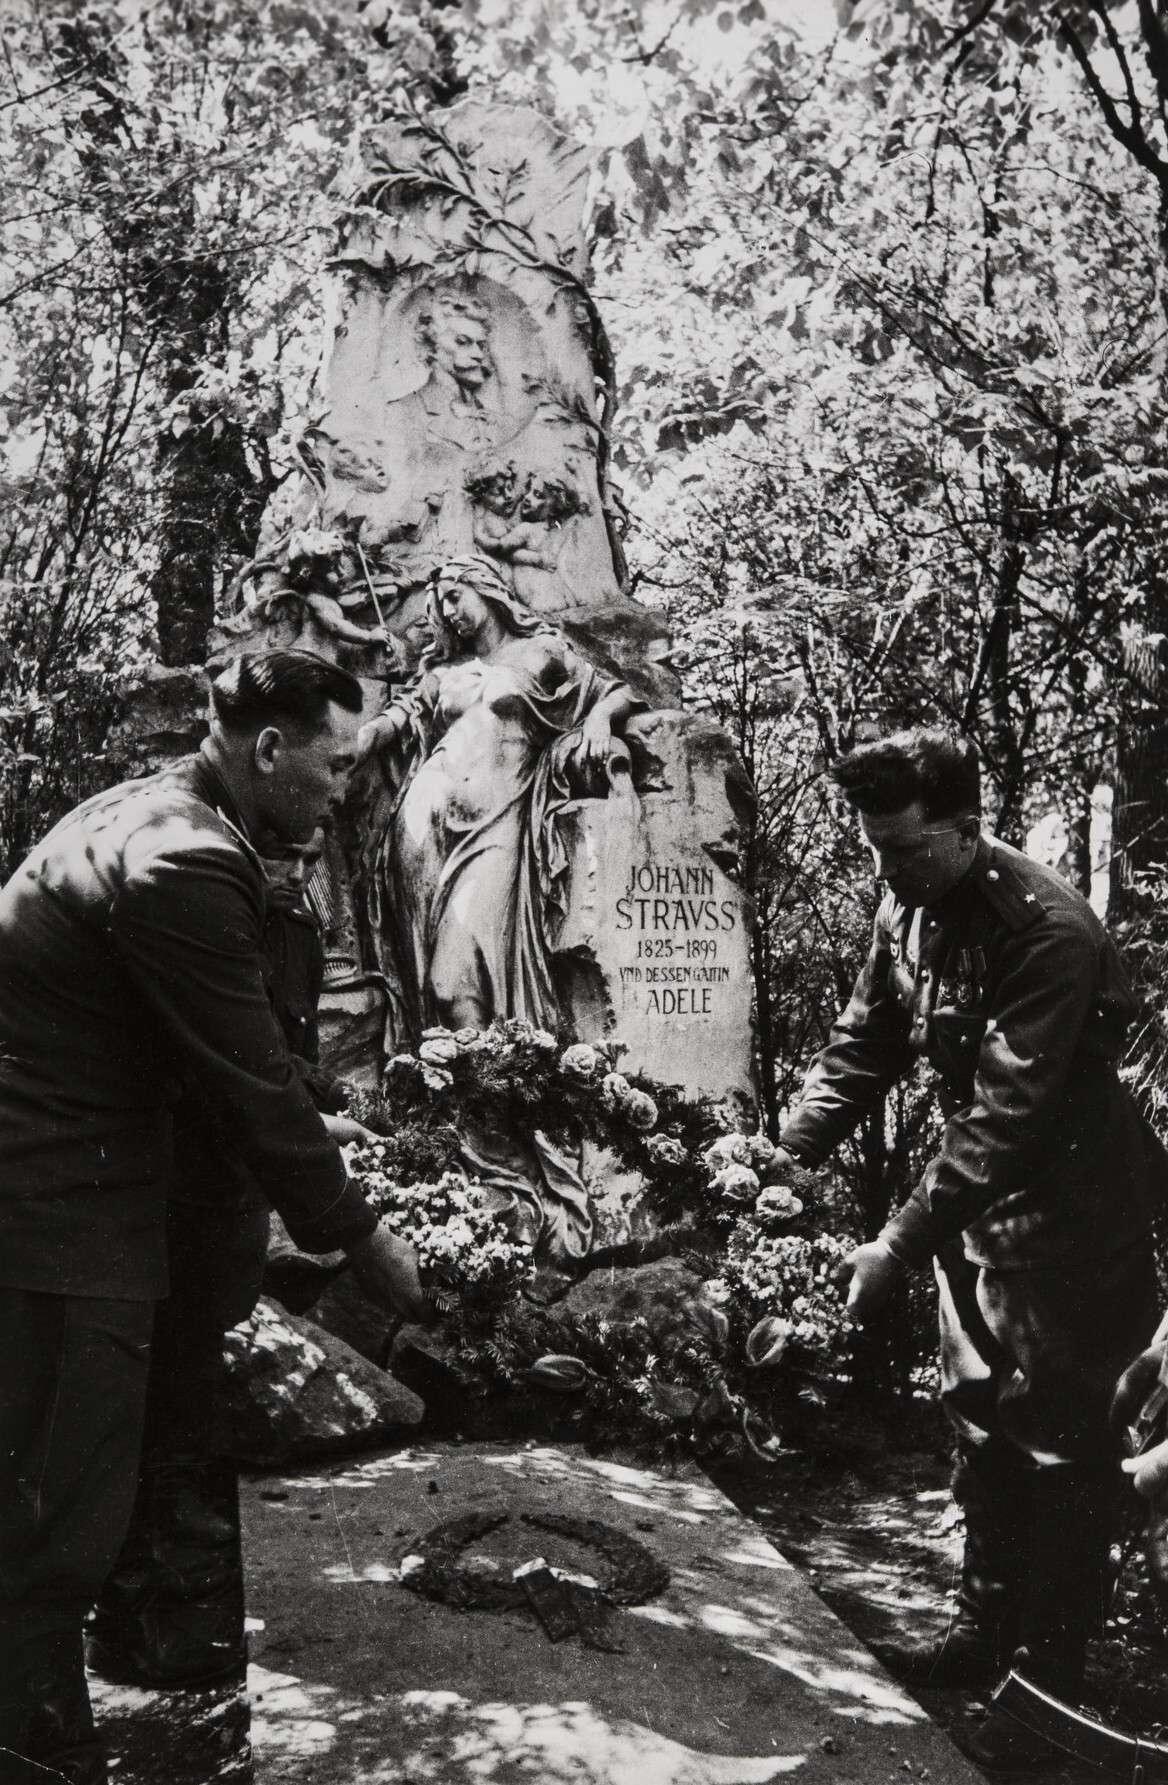 Евгений Халдей.    Советские солдаты возлагают цветы на могилу немецкого композитора Иоганна Штрауса   Австрия,Вена, 1945